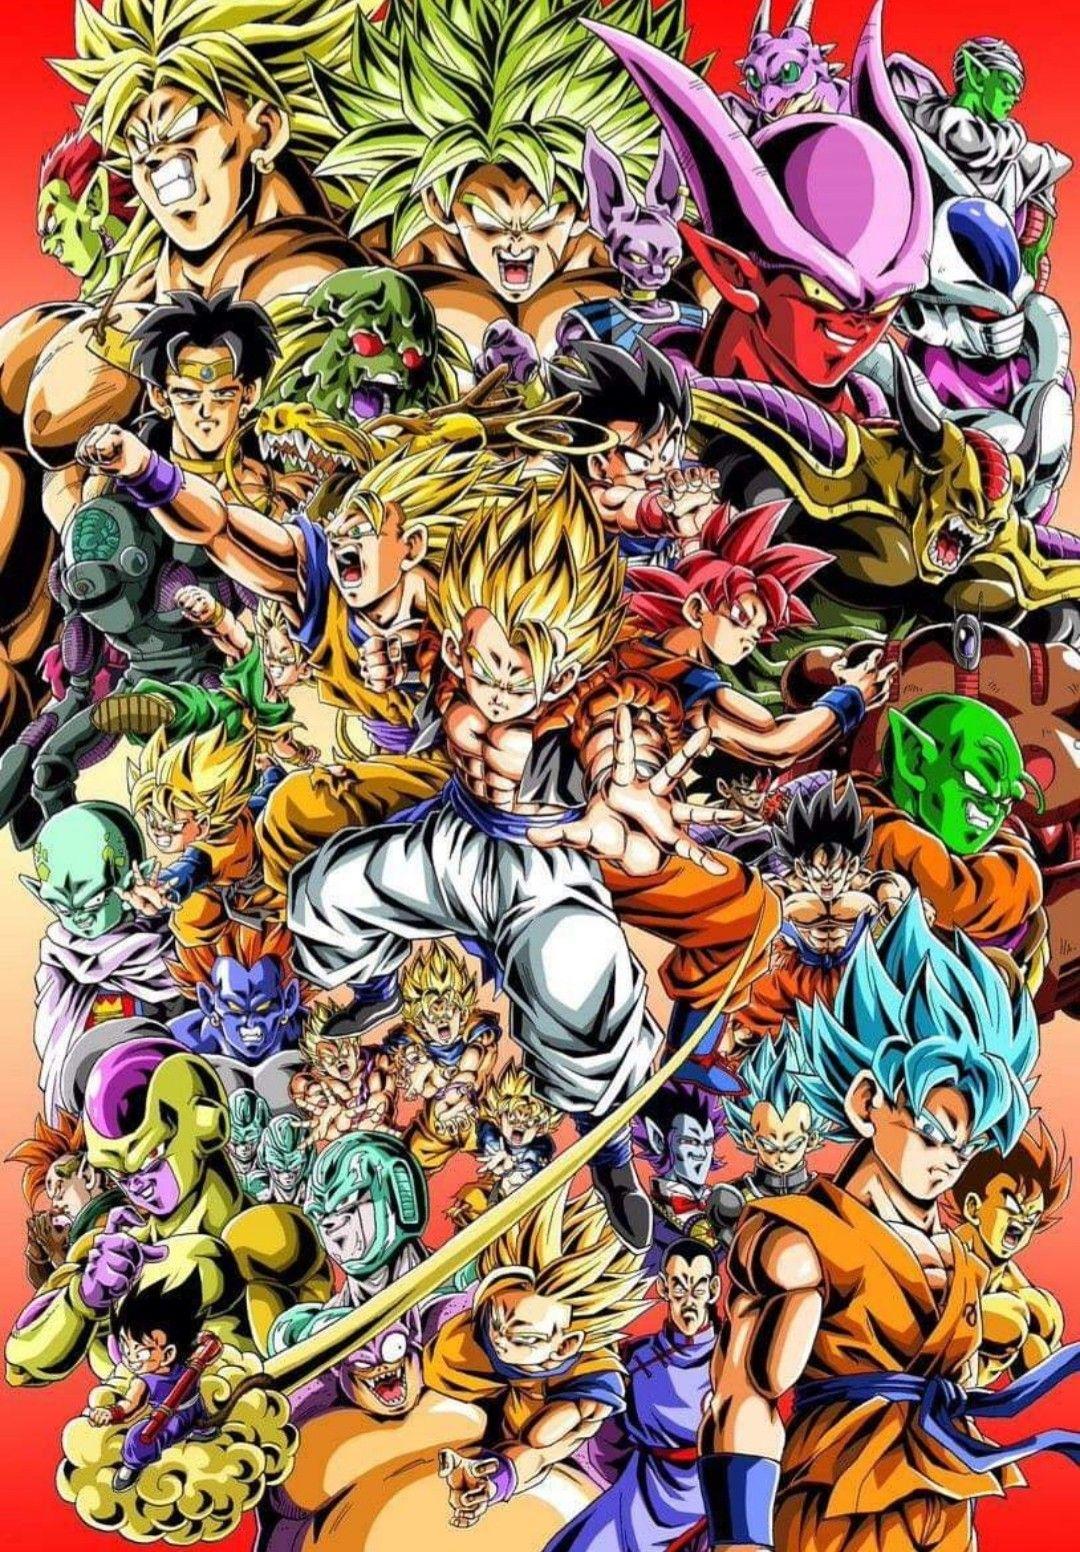 Dragon Ball Super Personnages : dragon, super, personnages, Films, Dessin, Goku,, D'ecran, Dessin,, Coloriage, Dragon